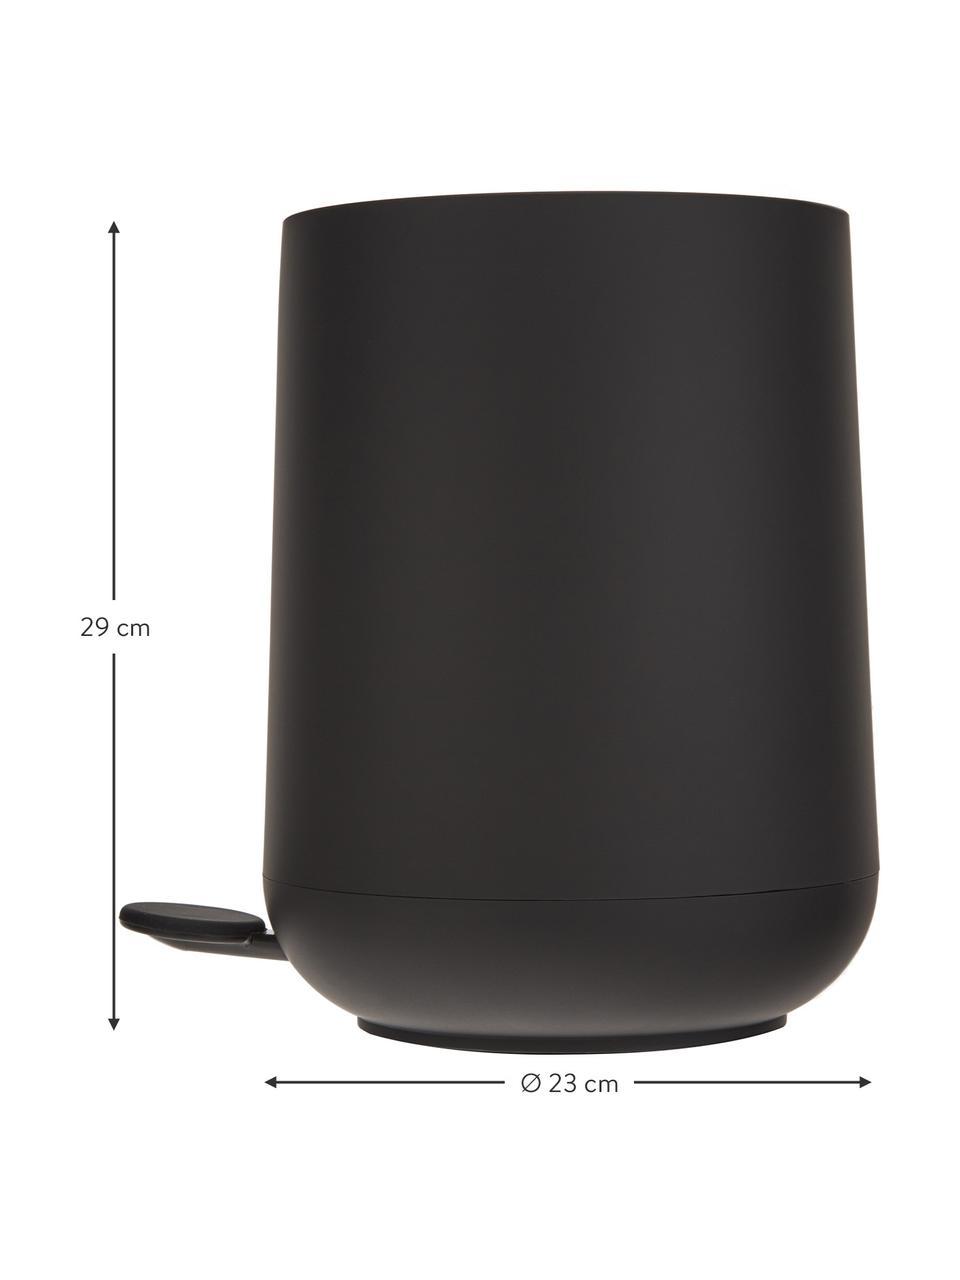 Pattumiera con coperchio softmotion Nova, Materiale sintetico ABS, Nero, Ø 23 x Alt. 29 cm